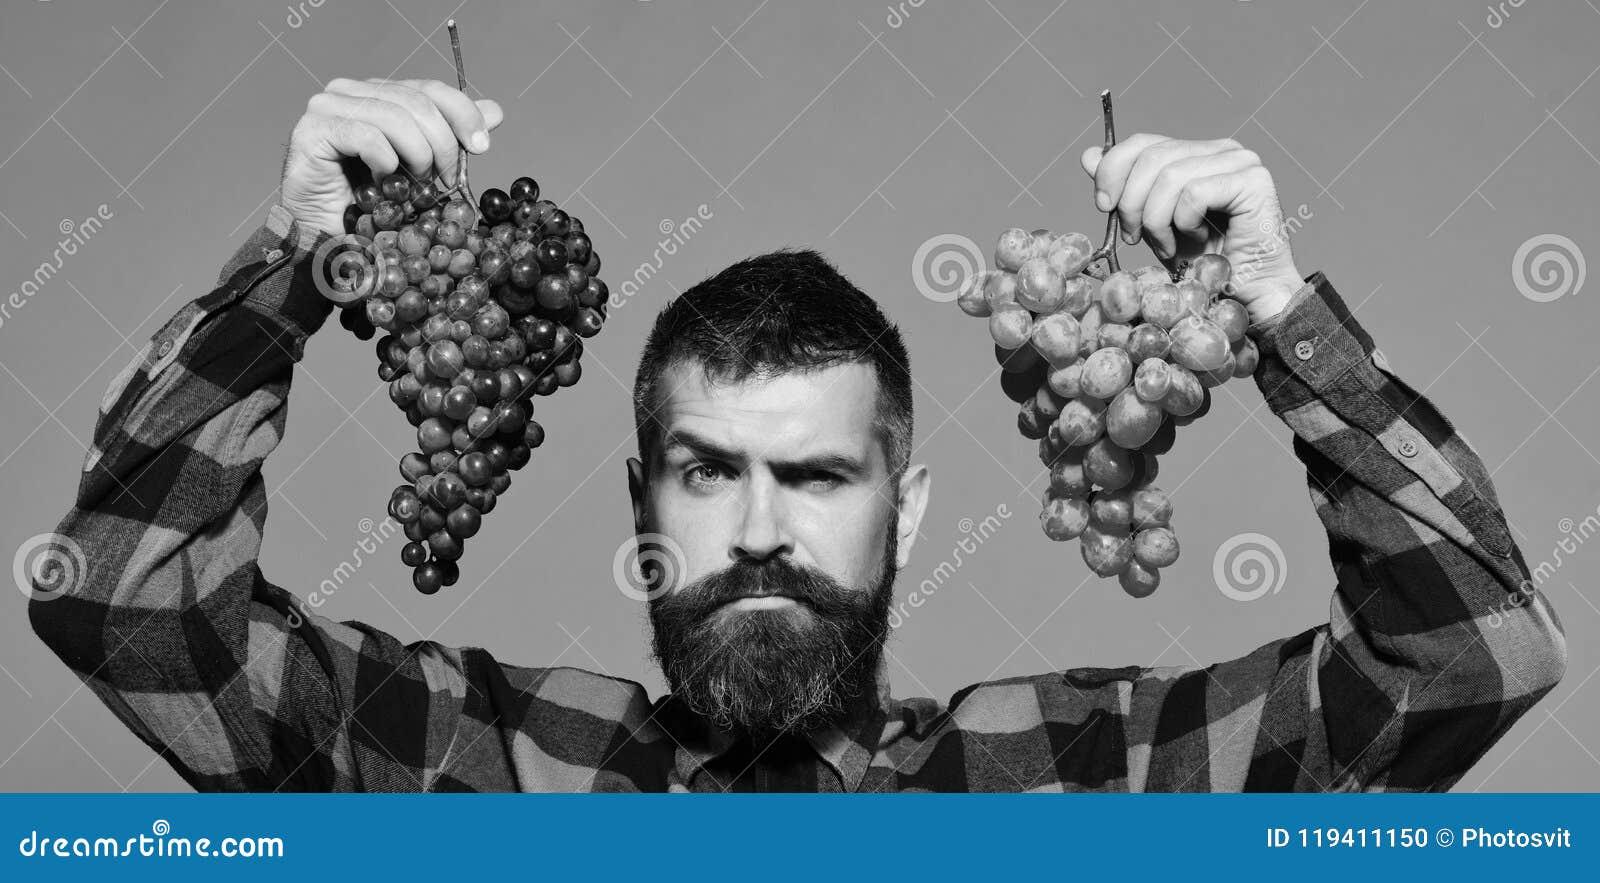 Winegrower met verleidelijk gezicht stelt clusters van groene en purpere druiven voor De mens met baard houdt bossen van druiven